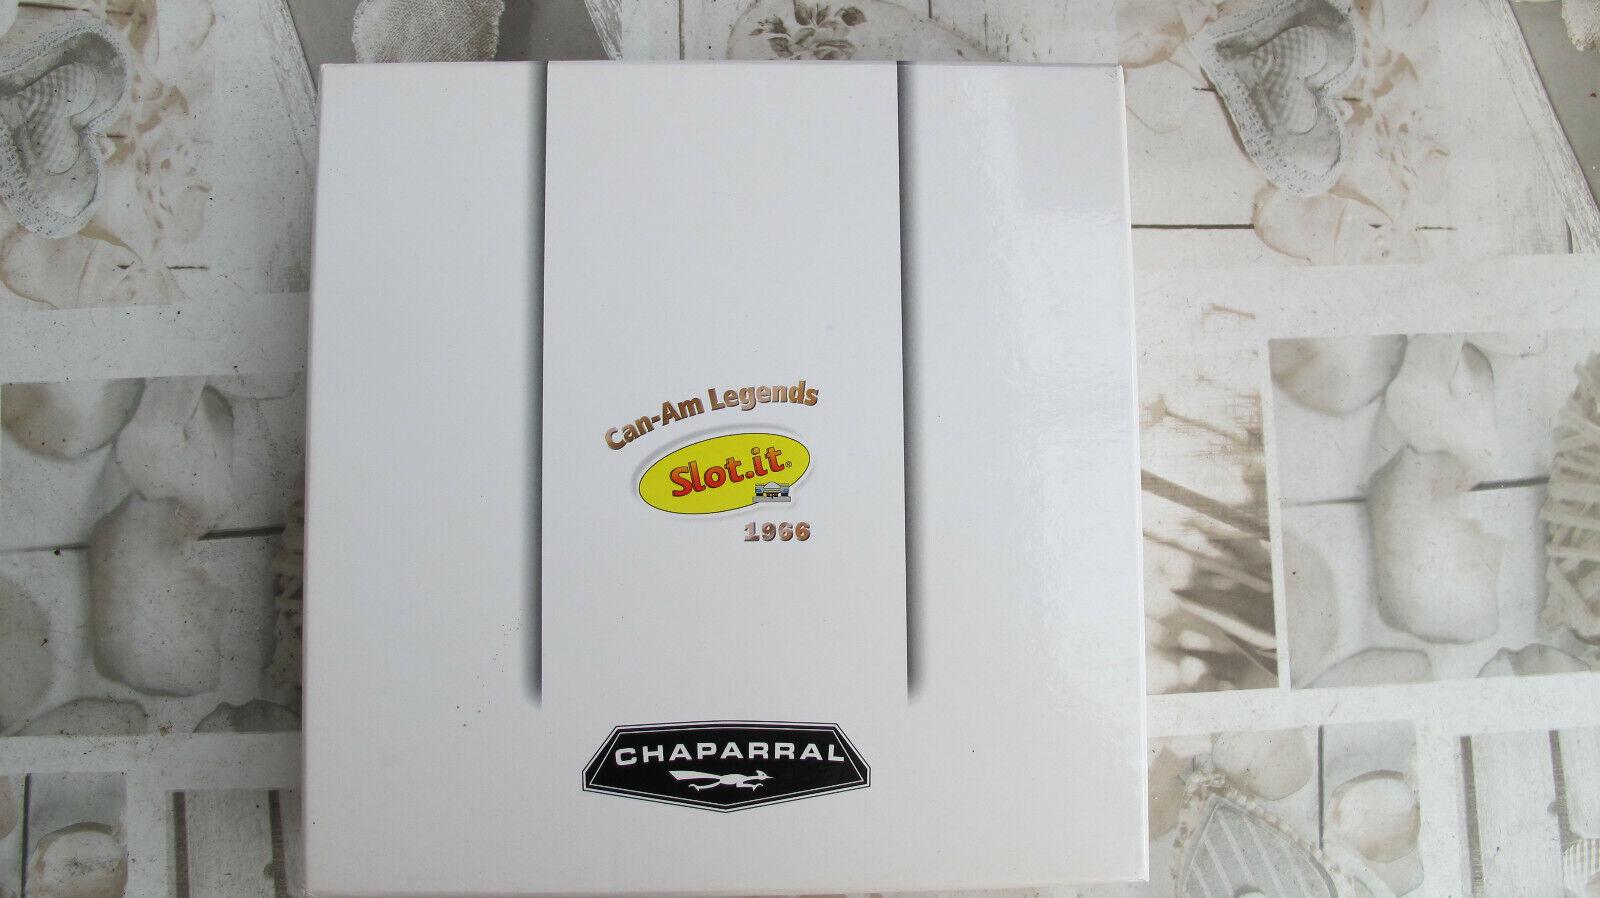 SMasse    Set   Can-Am Legends 1966   2x CHAPARRAL 2E   65 +  66  Ref.  CW08